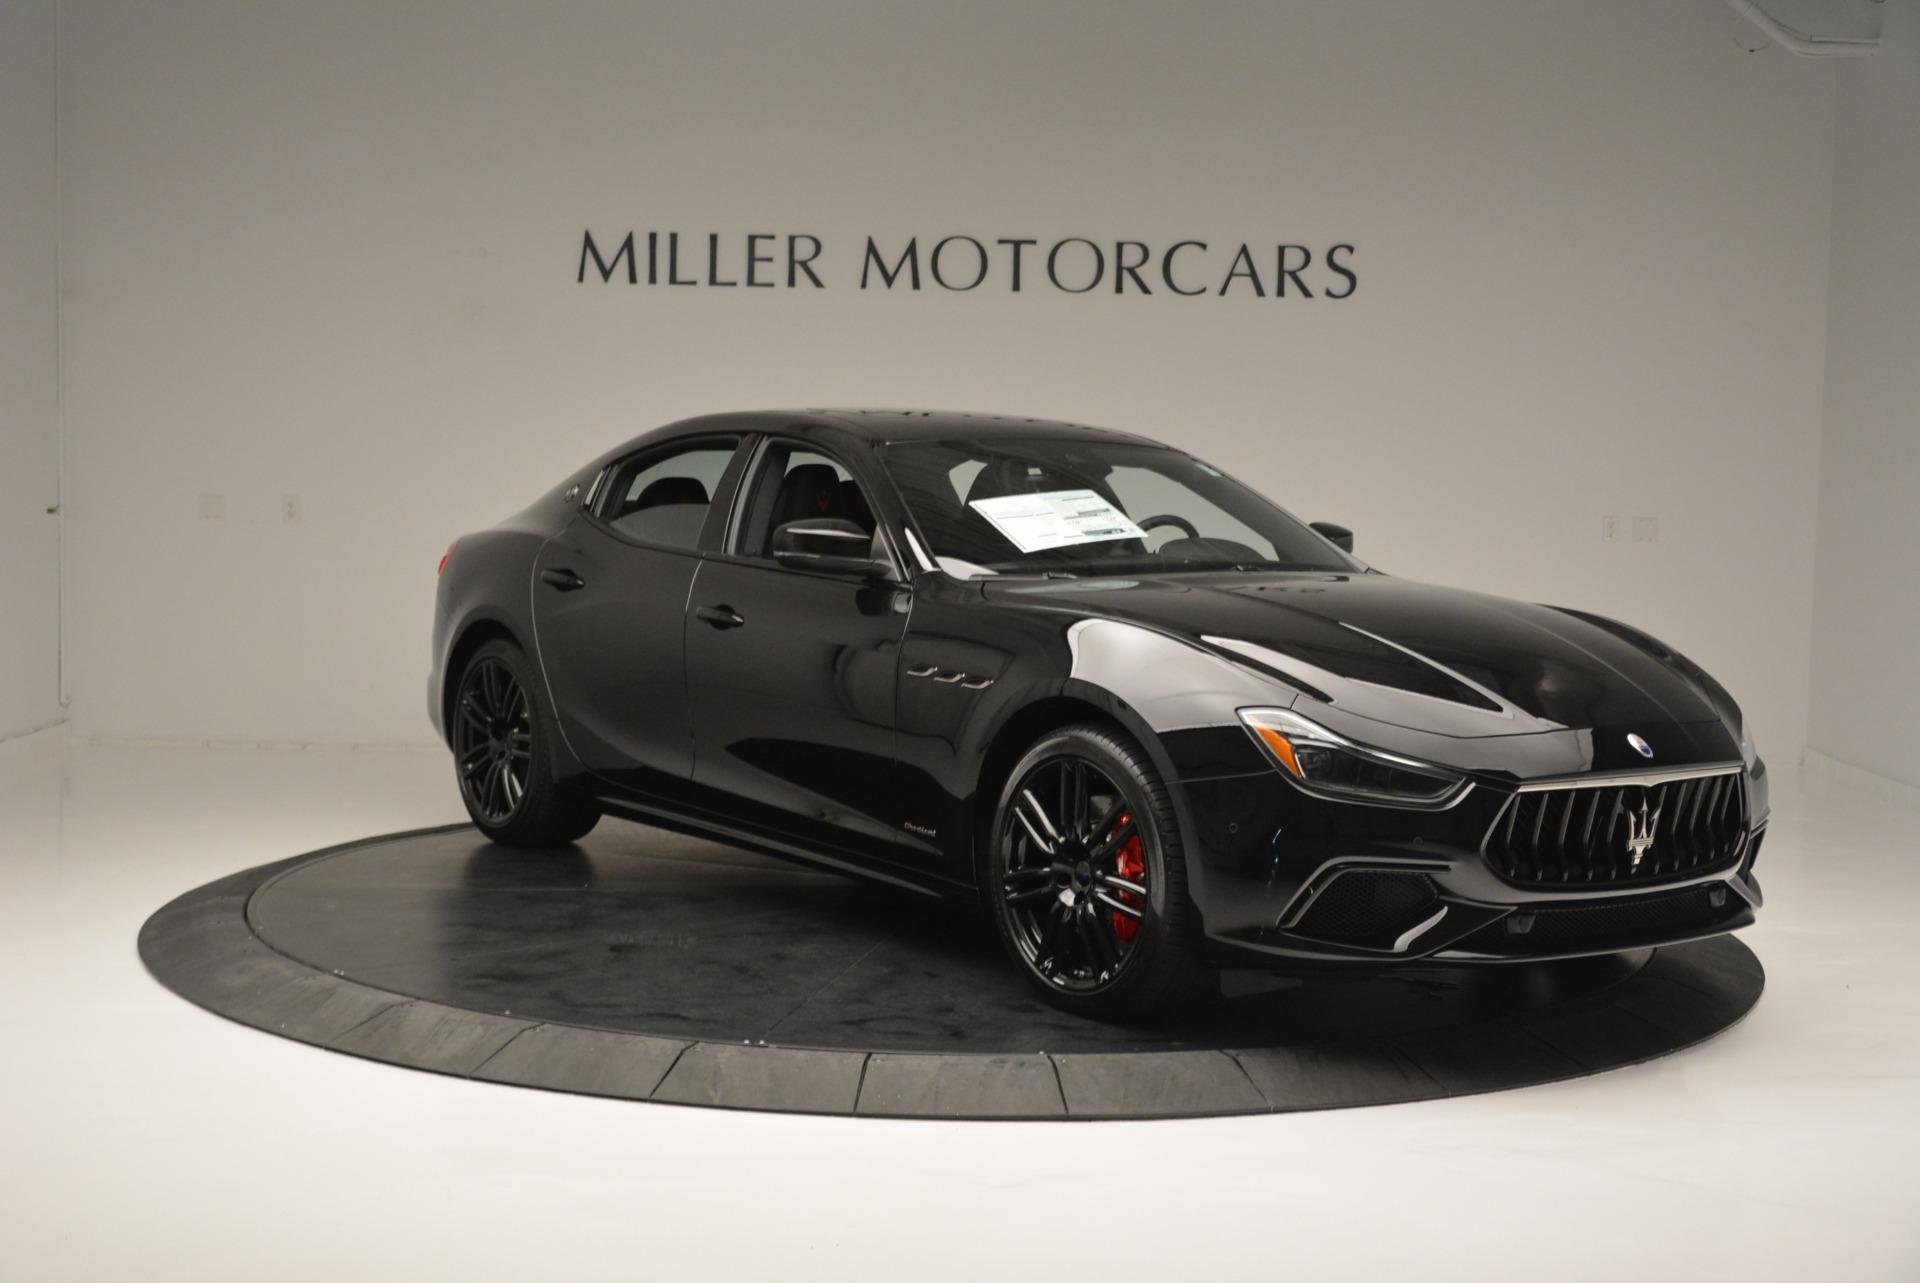 New 2018 Maserati Ghibli SQ4 GranSport Nerissimo For Sale In Greenwich, CT. Alfa Romeo of Greenwich, M2171 2366_p11